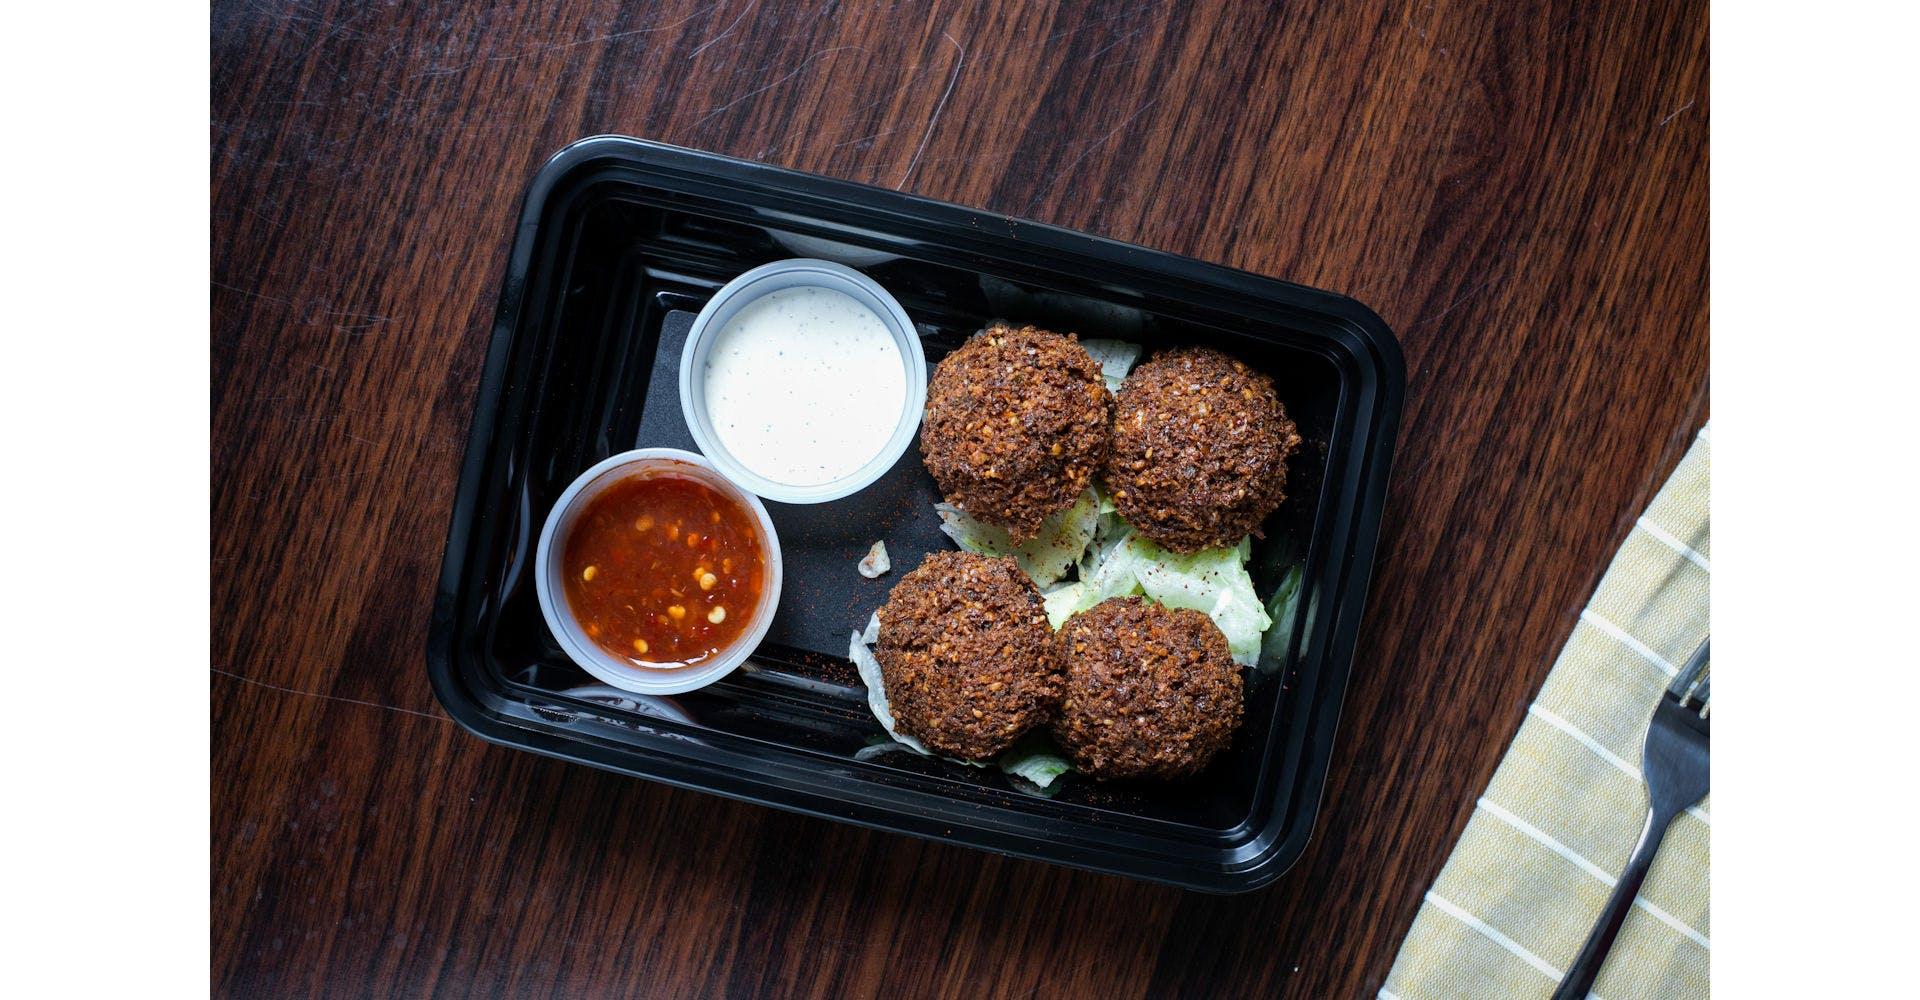 Falafel Snack from Austin's Habibi in Austin, TX